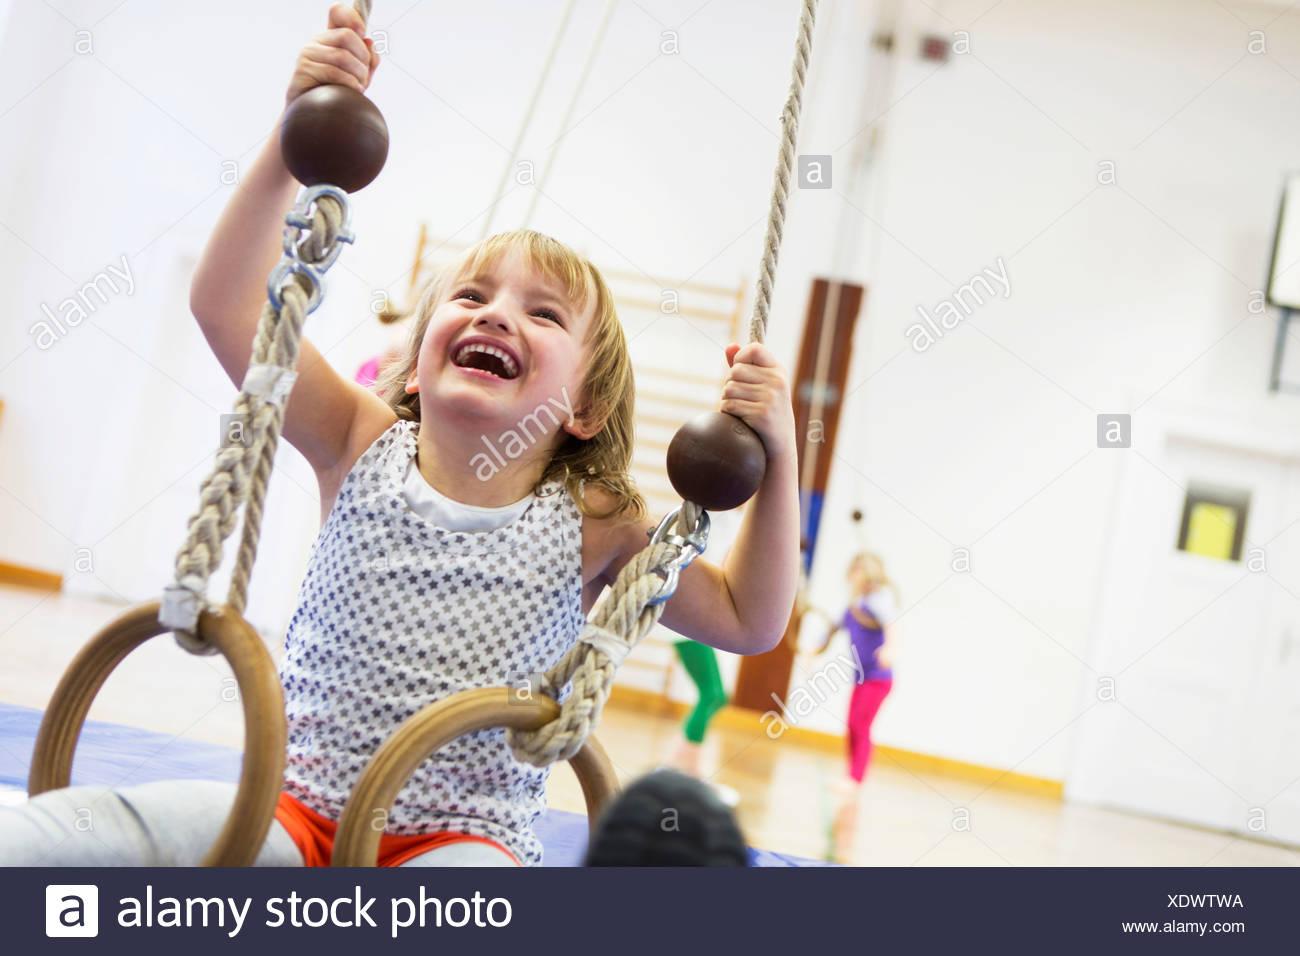 Mädchen auf Gymnastik Ringen in Aula Stockbild